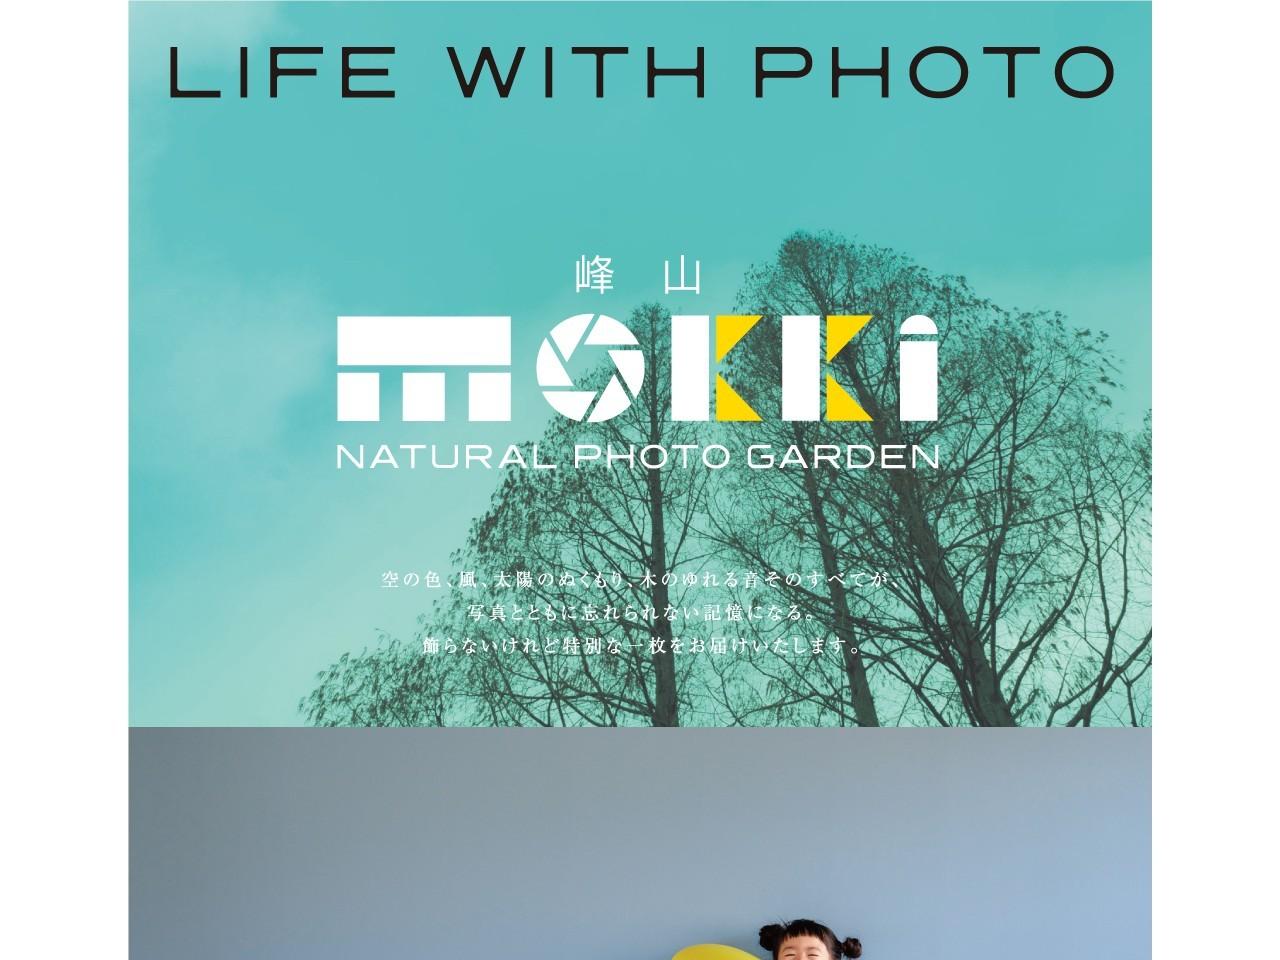 峰山 mokki | NATURAL PHOTO GARDEN | 香川県高松市